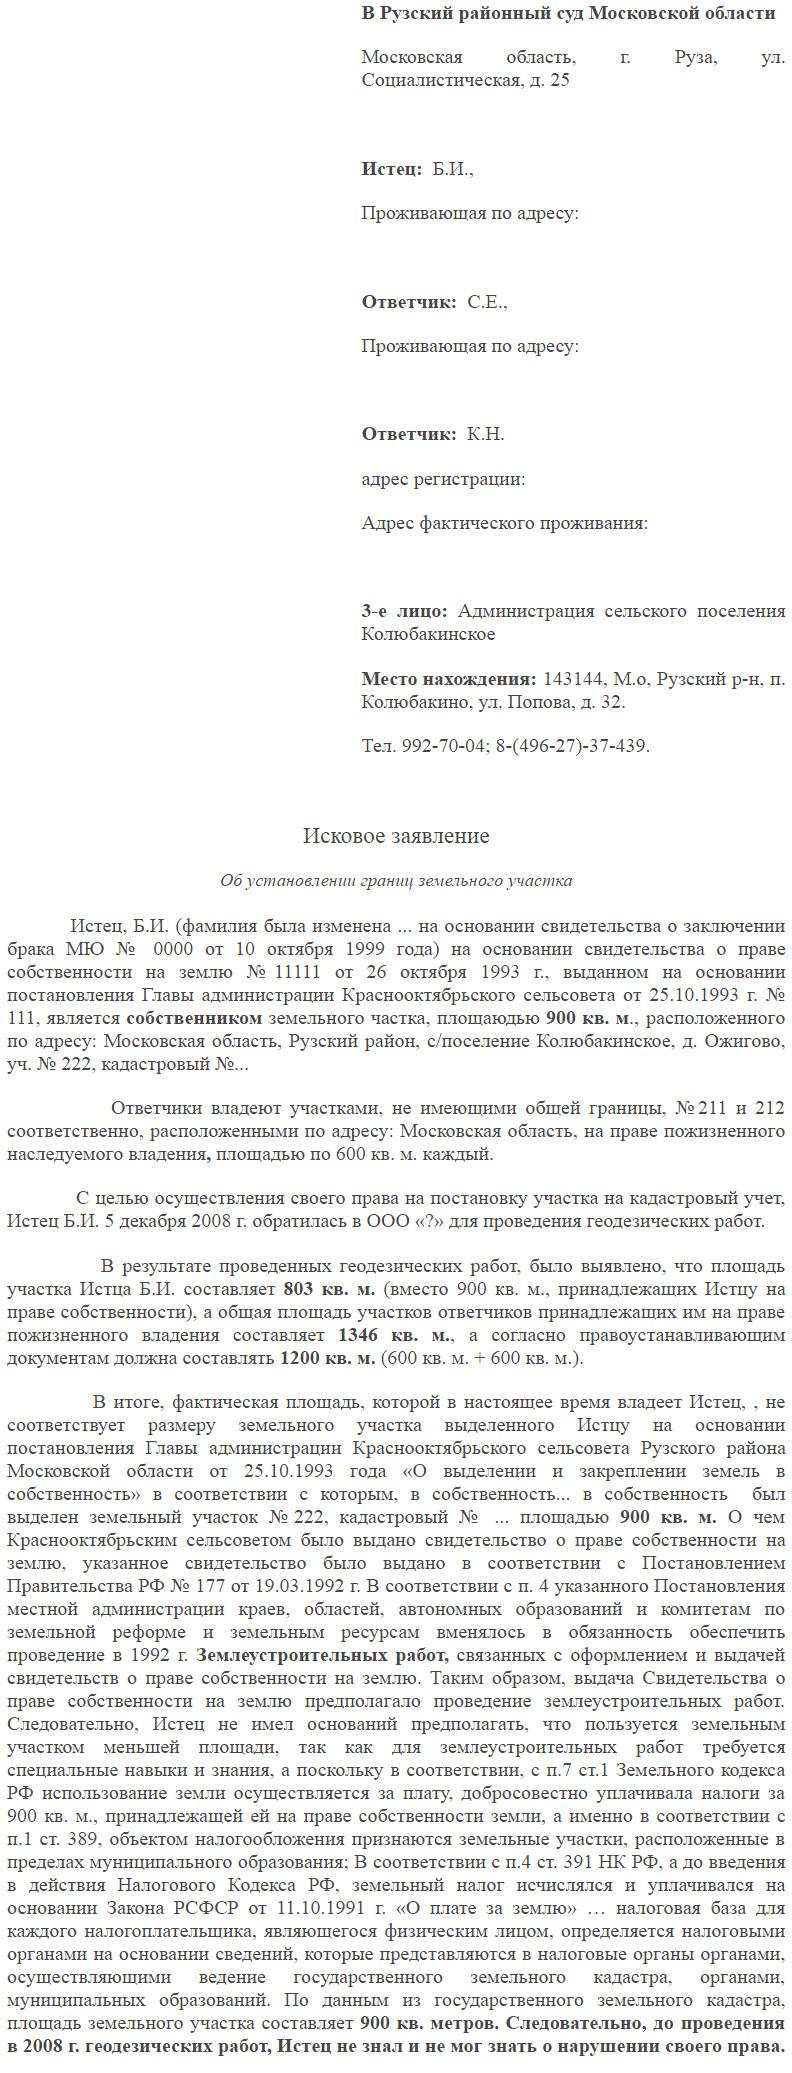 Изображение - Исковое заявление об установлении границ ustanovlenie_granic_uchastka_zayavlenie_obrazec-3